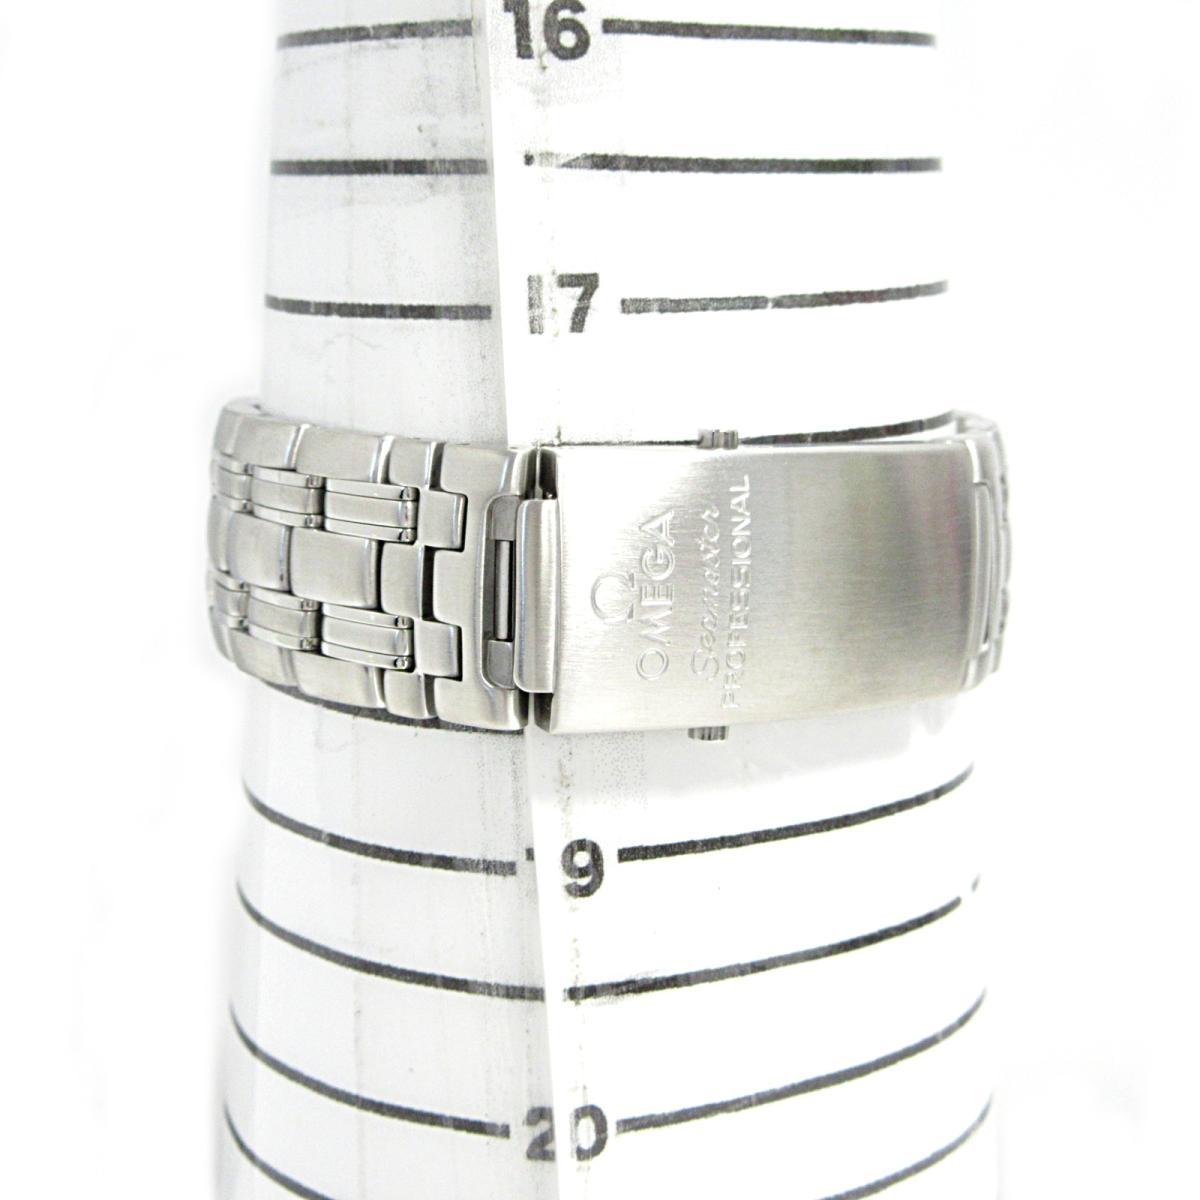 オメガ シーマスター プロフェッショナル 腕時計 ウォッチ メンズ レディース ステンレススチールSS2531 80OMEGA BRANDOFF ブランドオフ ブランド ブランド時計 ブランド腕時計 時計2WYE9IDH